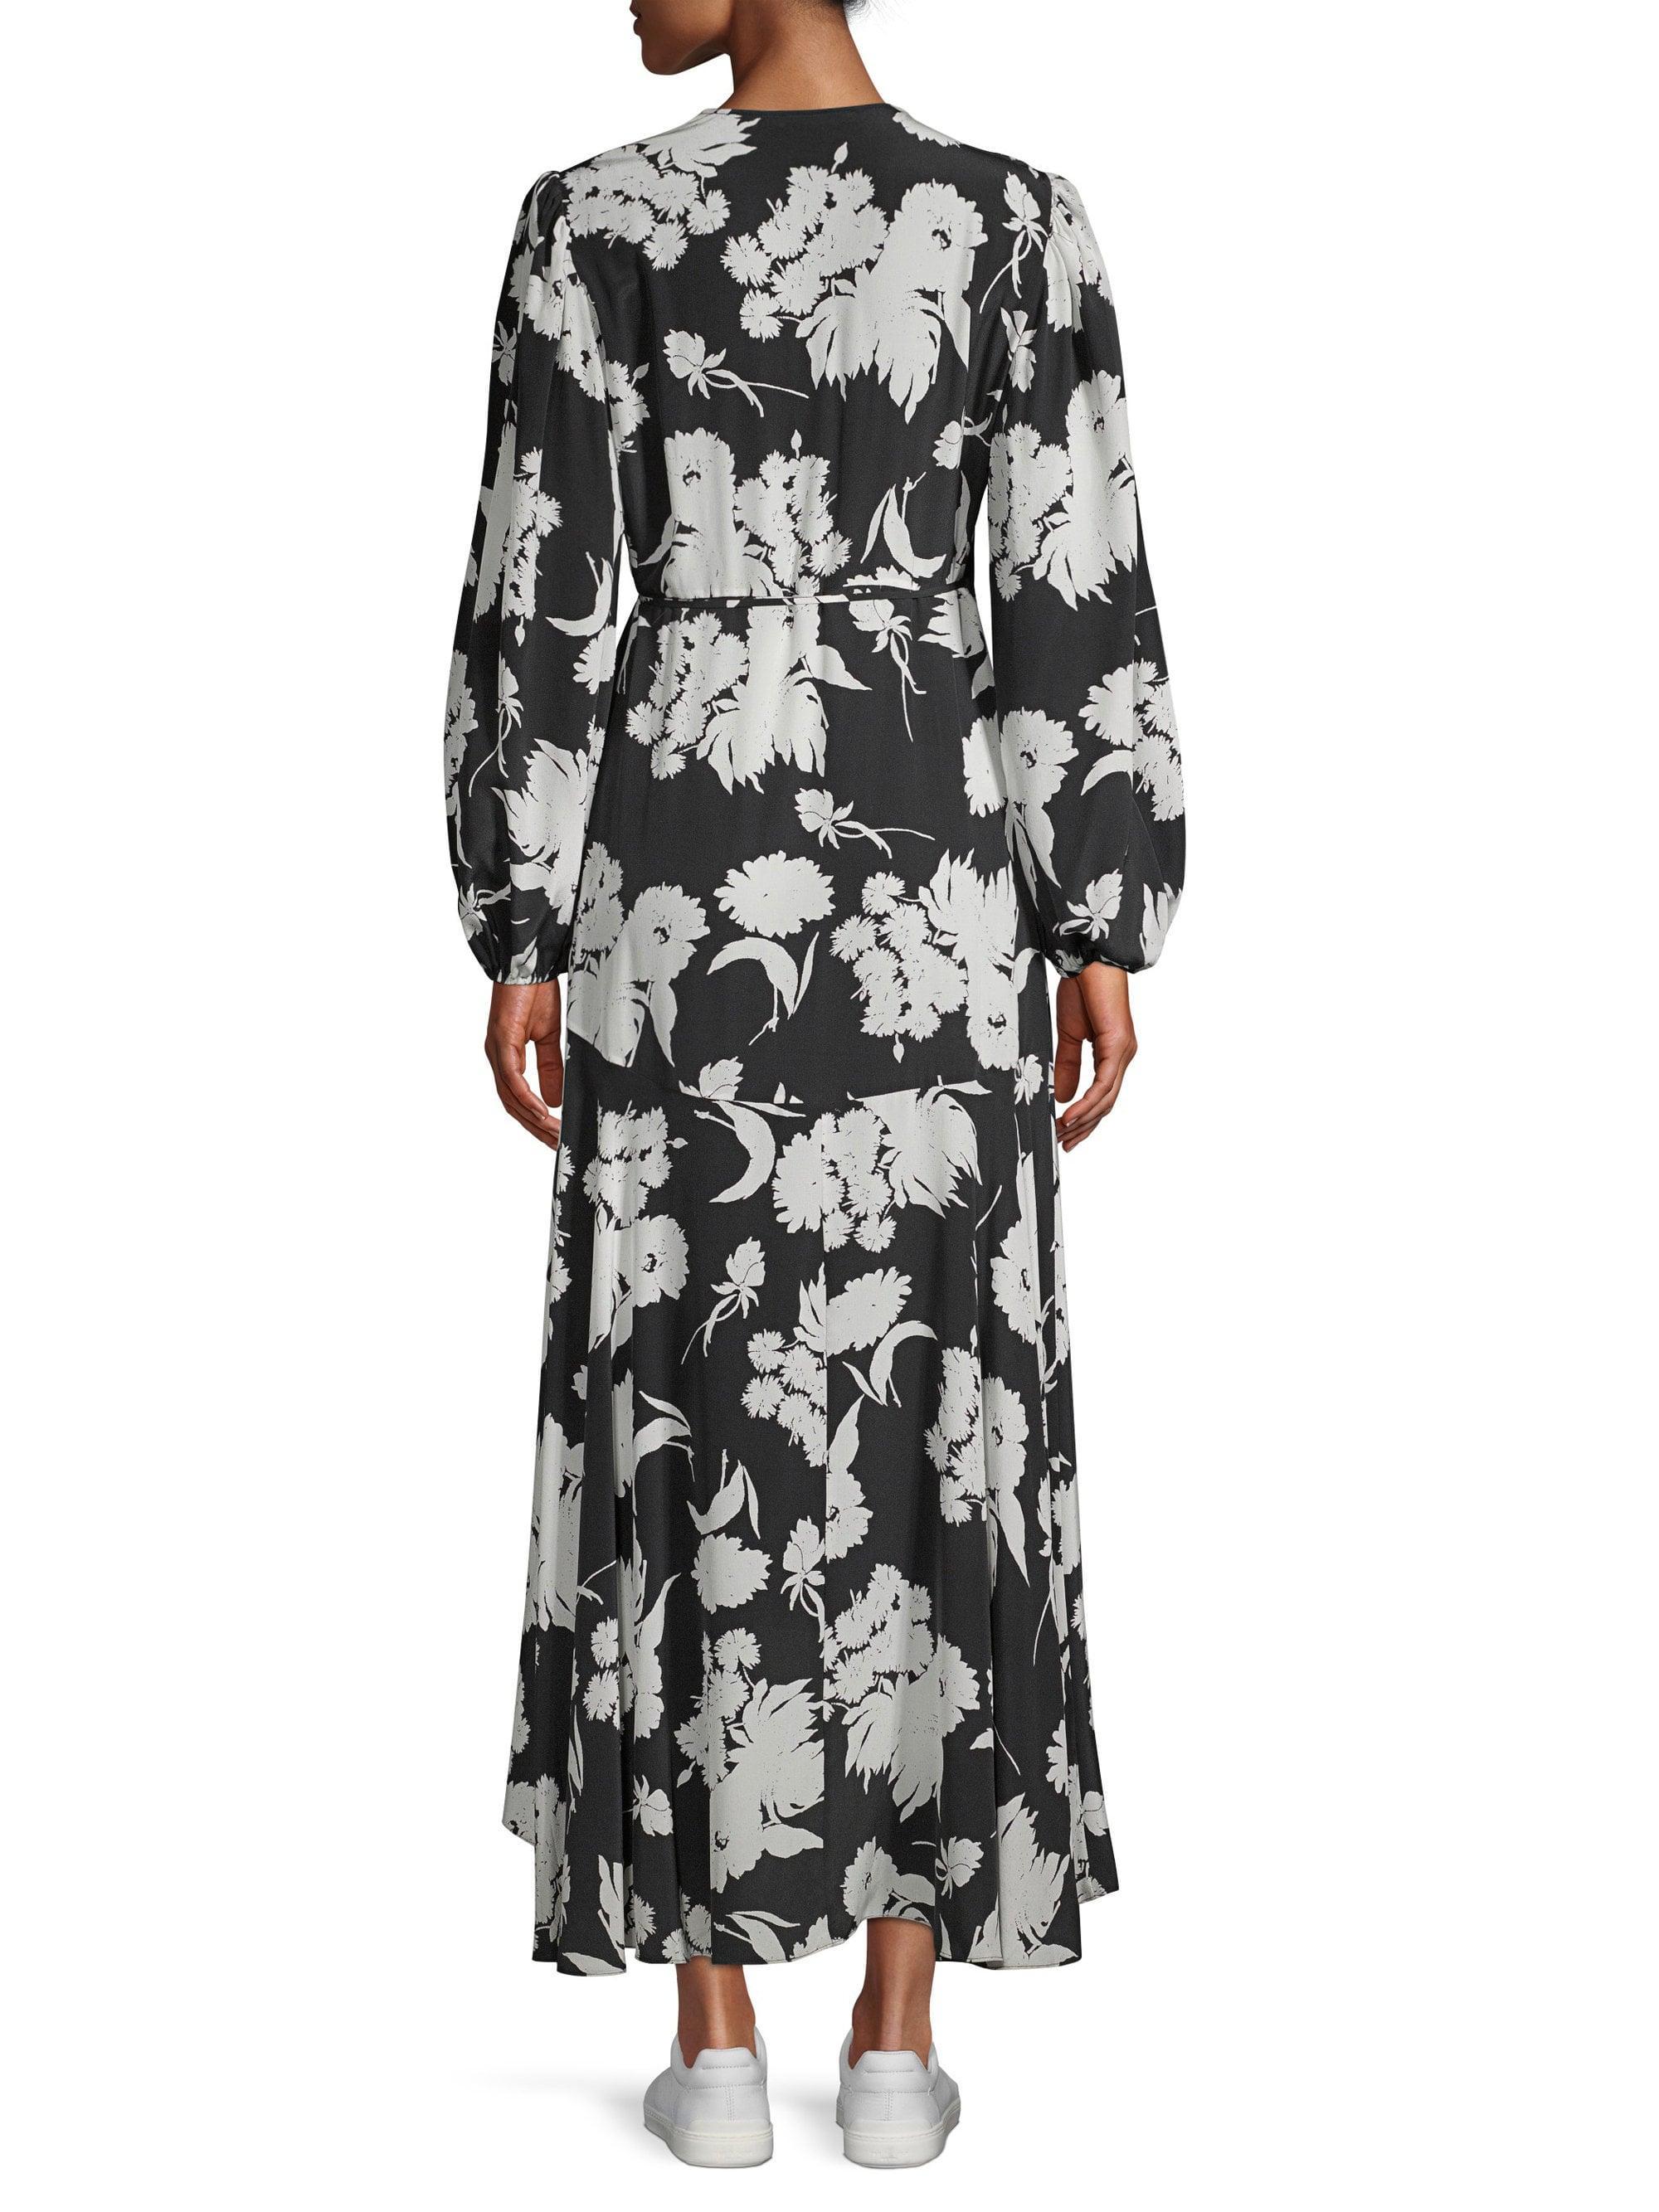 9f40d136 Ganni - Black Kochhar Floral Midi Wrap Dress - Lyst. View fullscreen